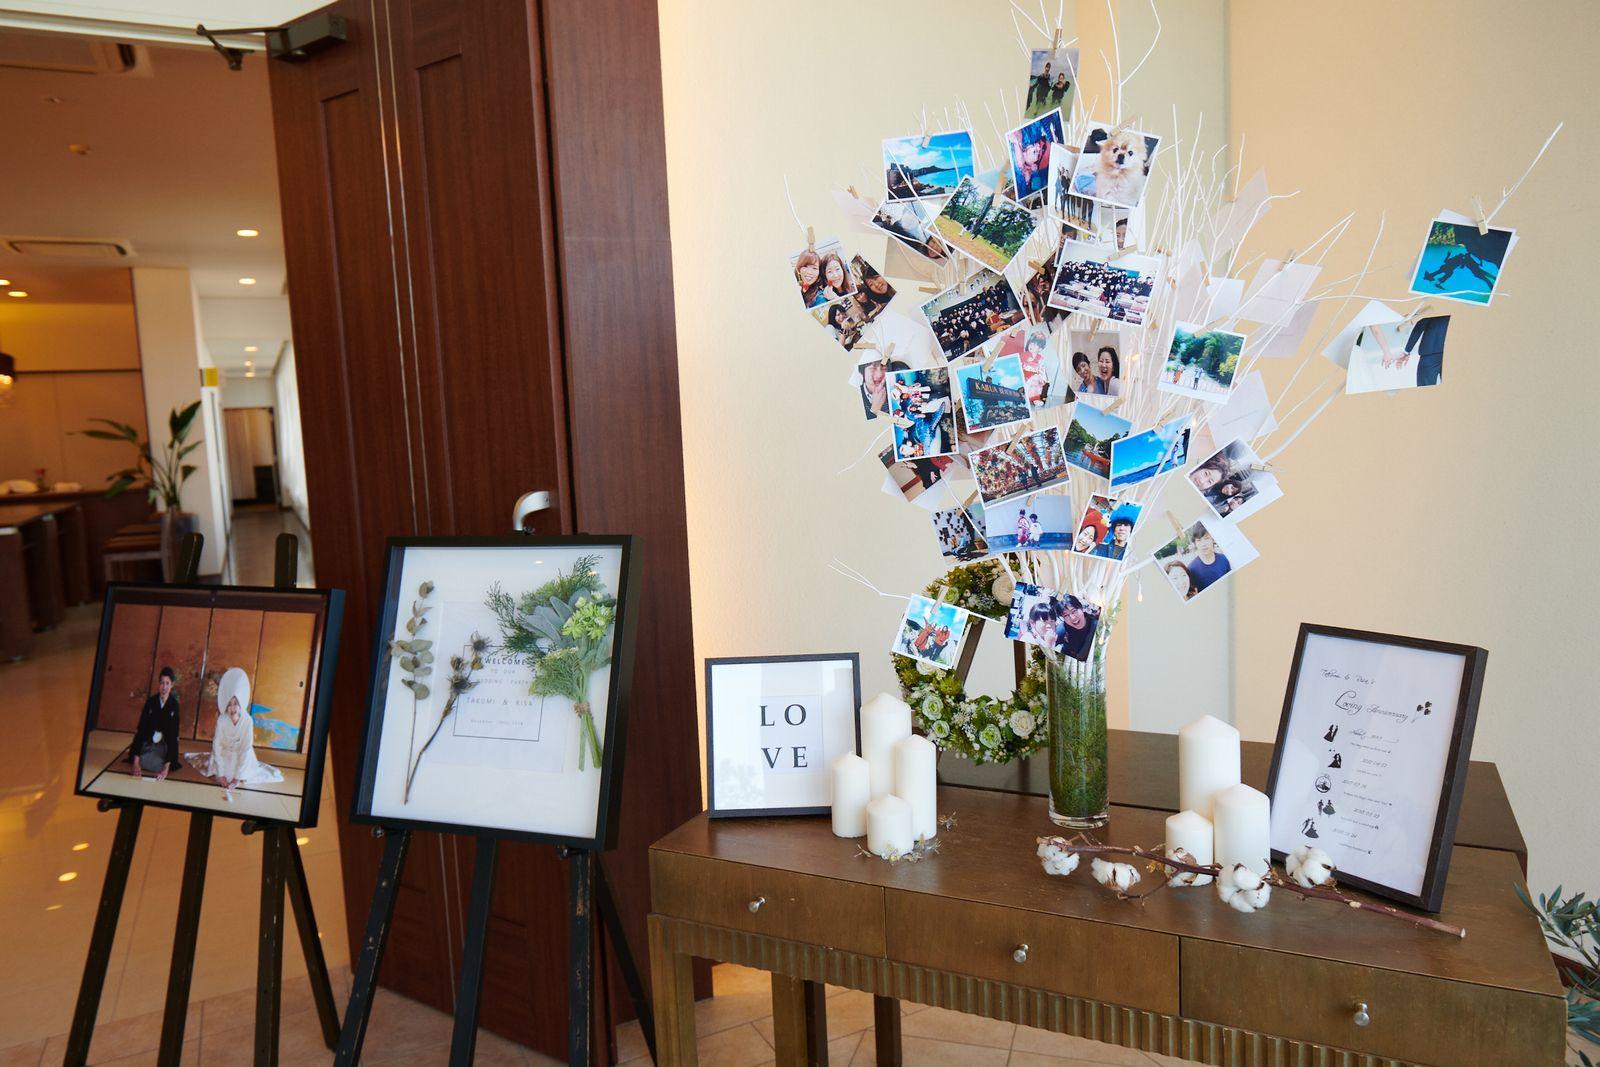 徳島県の結婚式場ブランアンジュの会場前の手作りアイテムやコーディネート